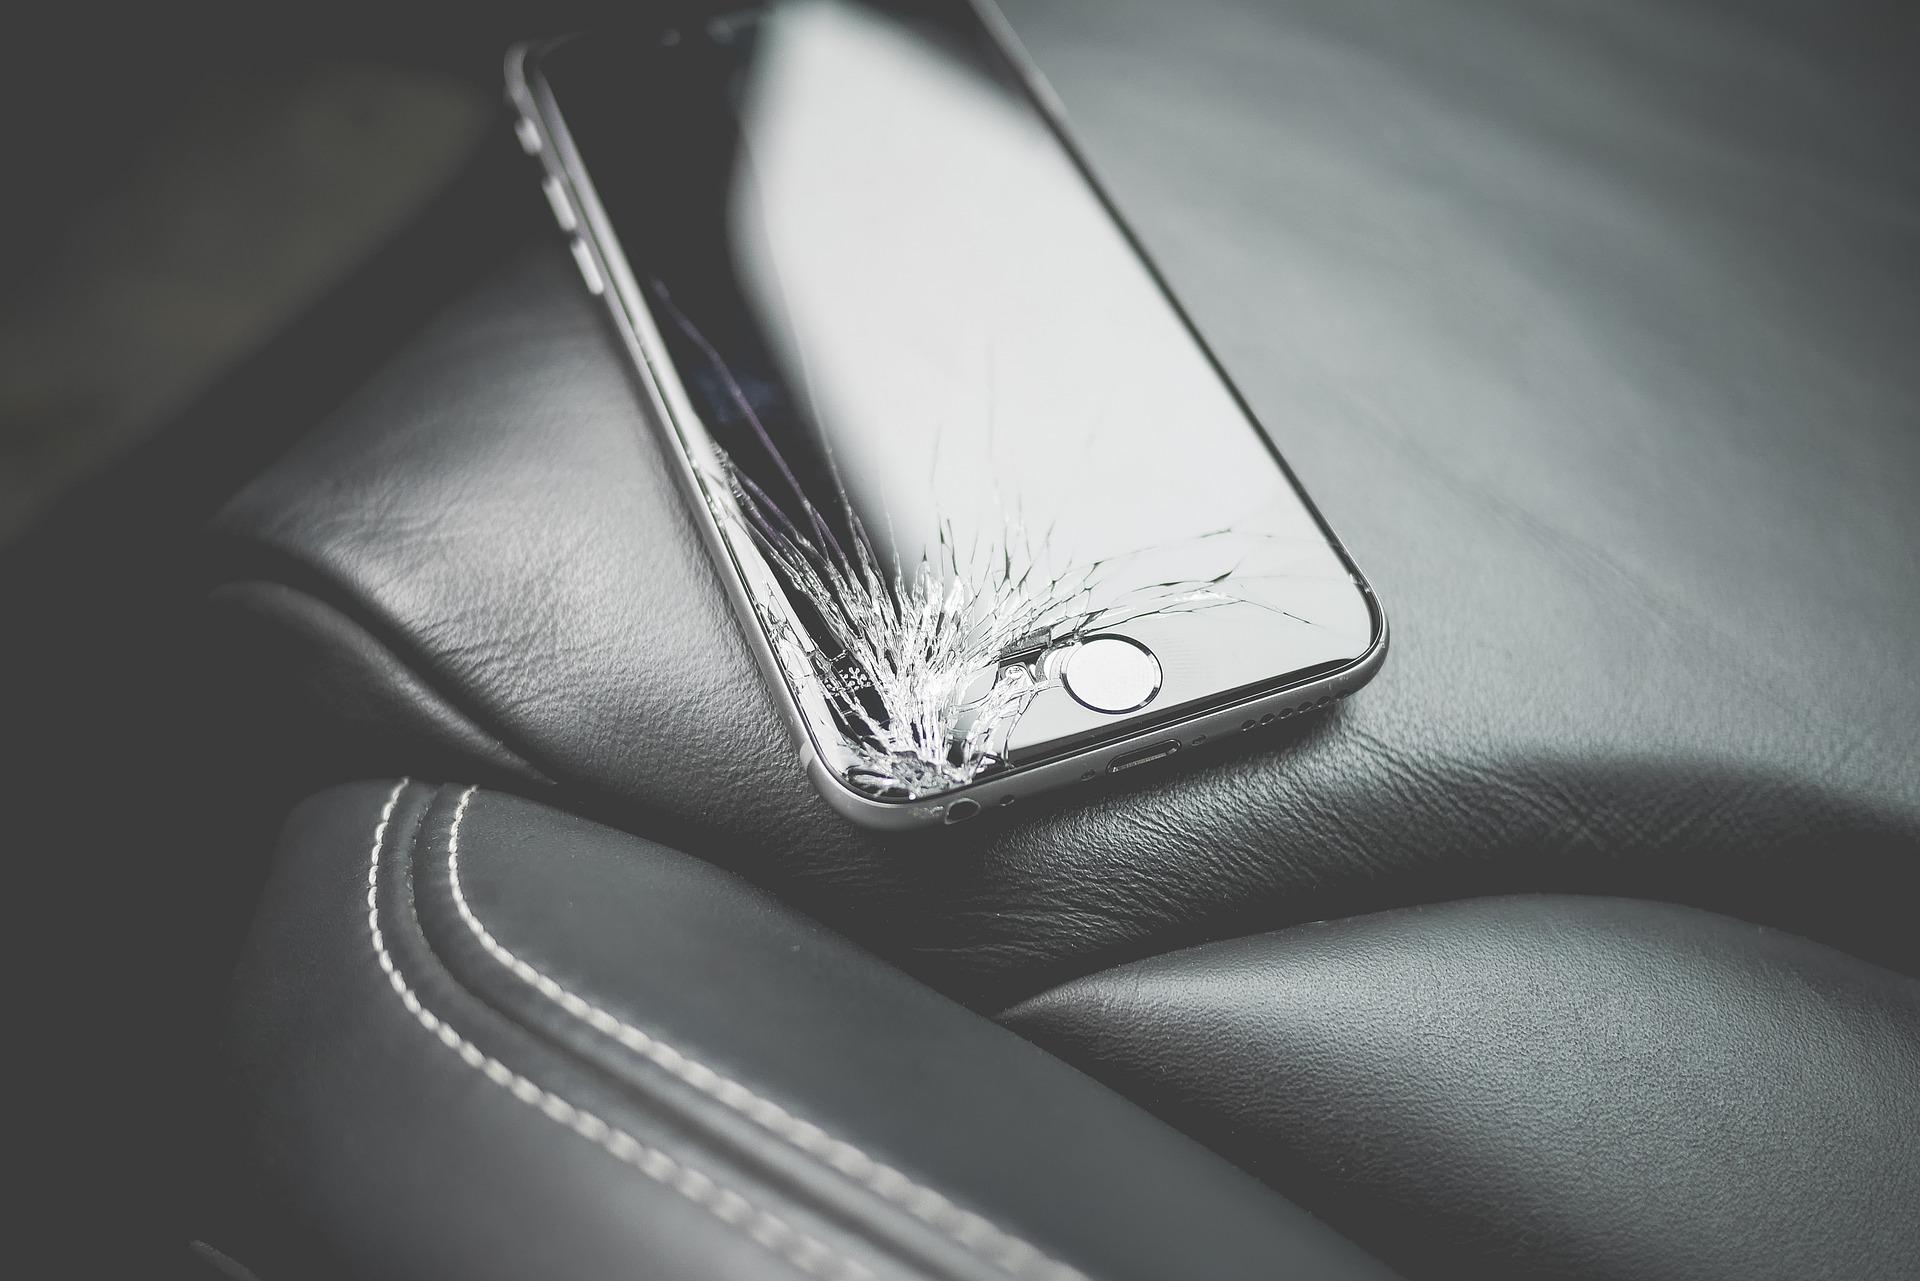 Naprawa smartfona na własną rękę